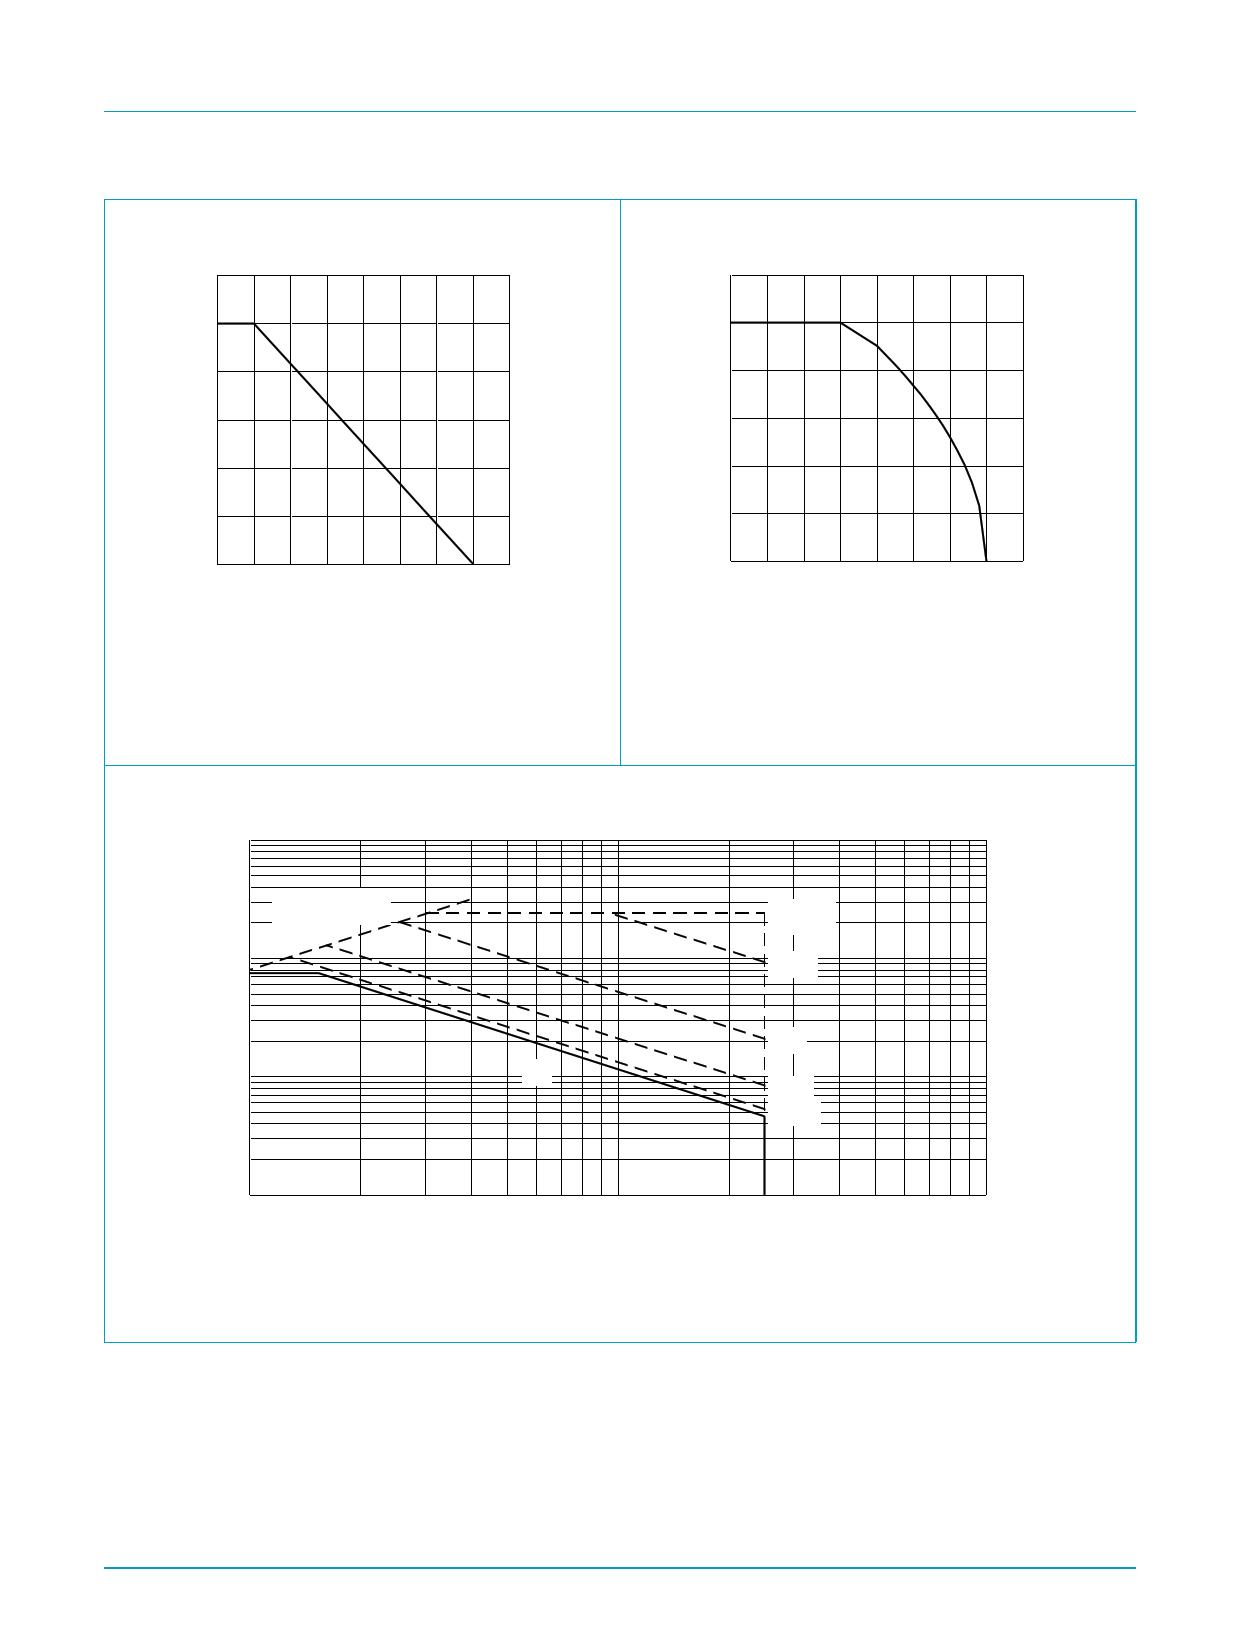 96NQ03LT pdf, 電子部品, 半導体, ピン配列